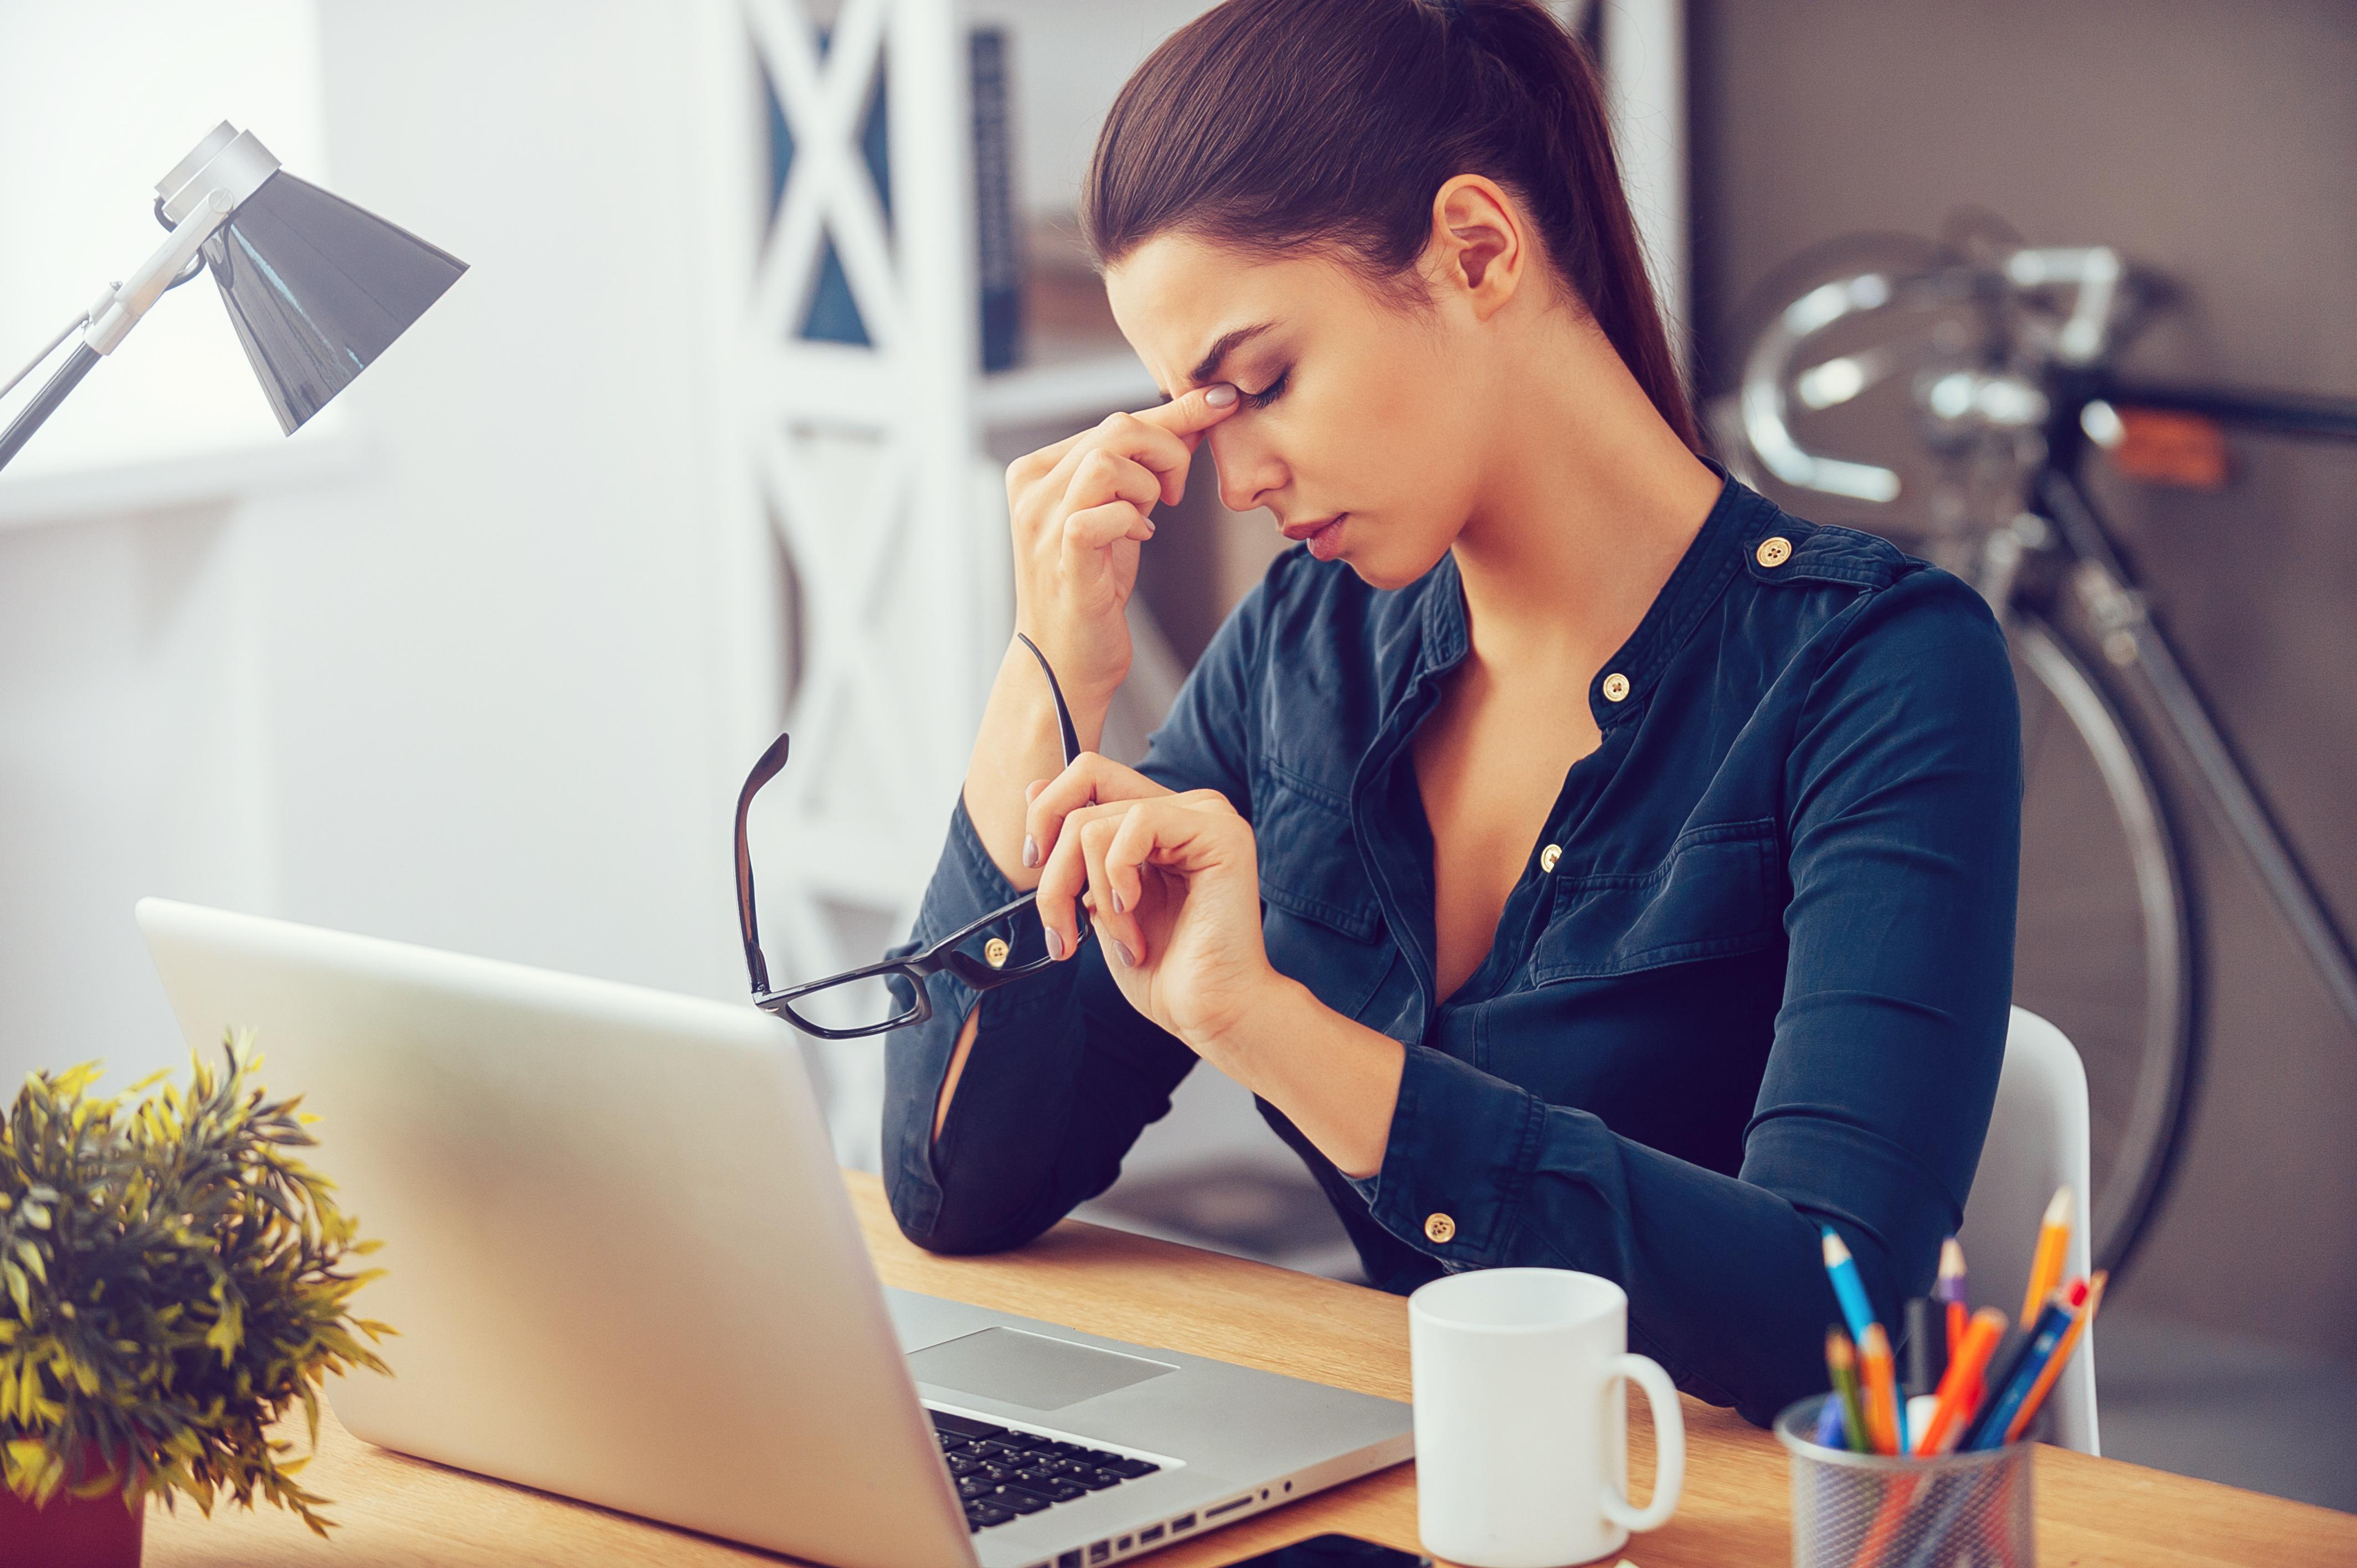 Чому ми напружені на роботі і як позбутися цього, — поради на кожен день